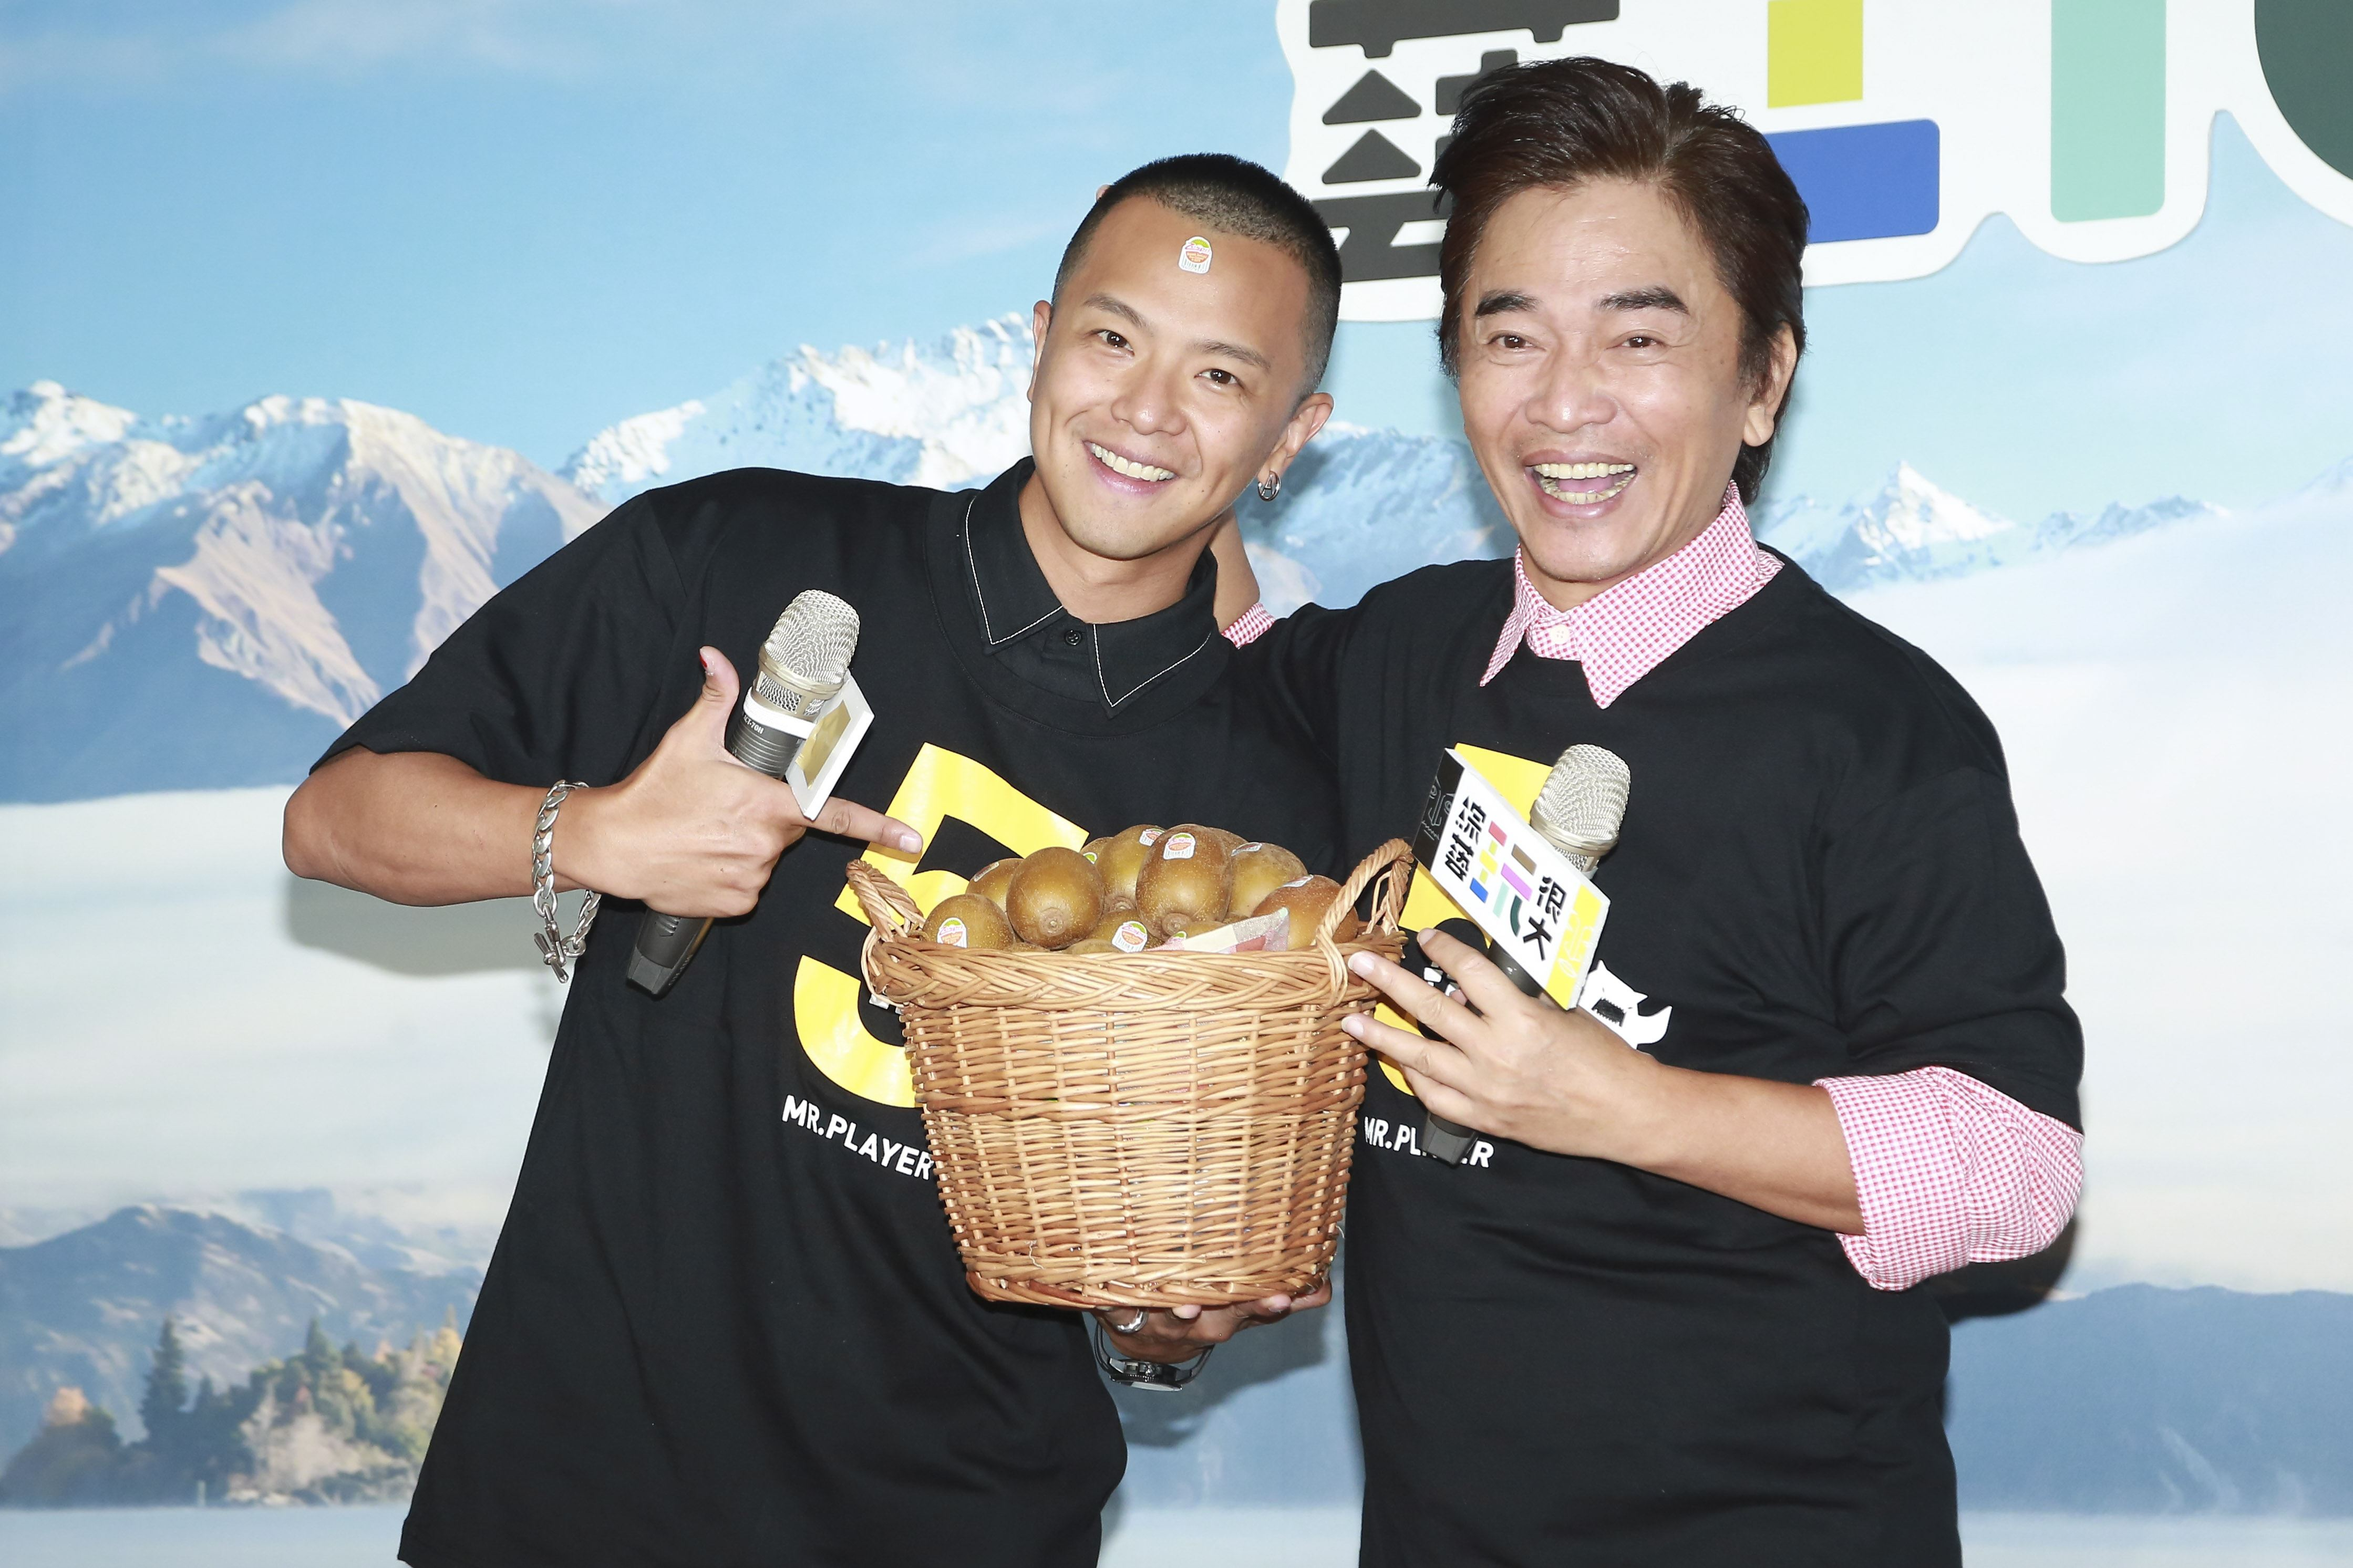 《綜藝玩很大》玩翻5週年主持人吳宗憲、小鬼黃鴻升。(圖/記者林士傑攝影)